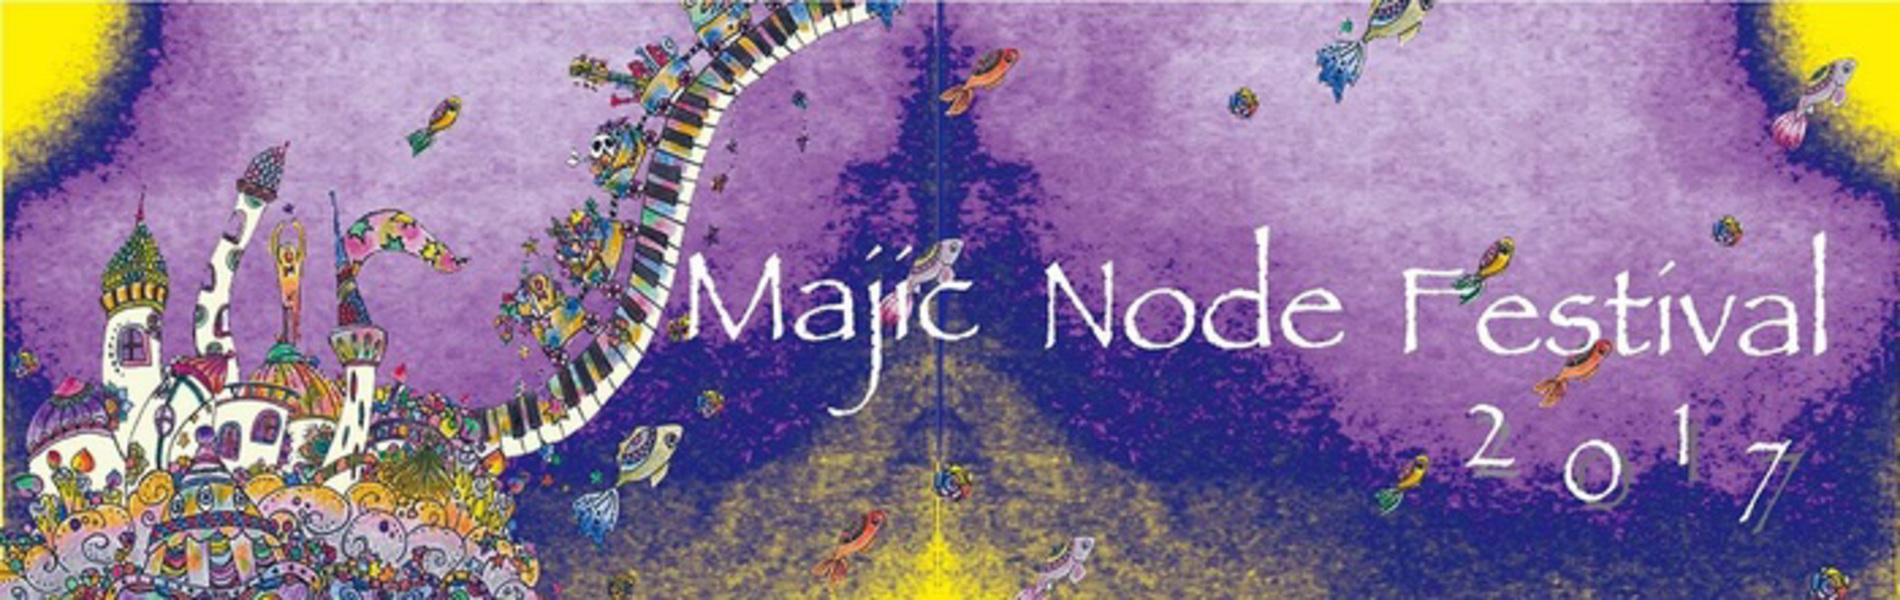 Magic Node Festival 2017